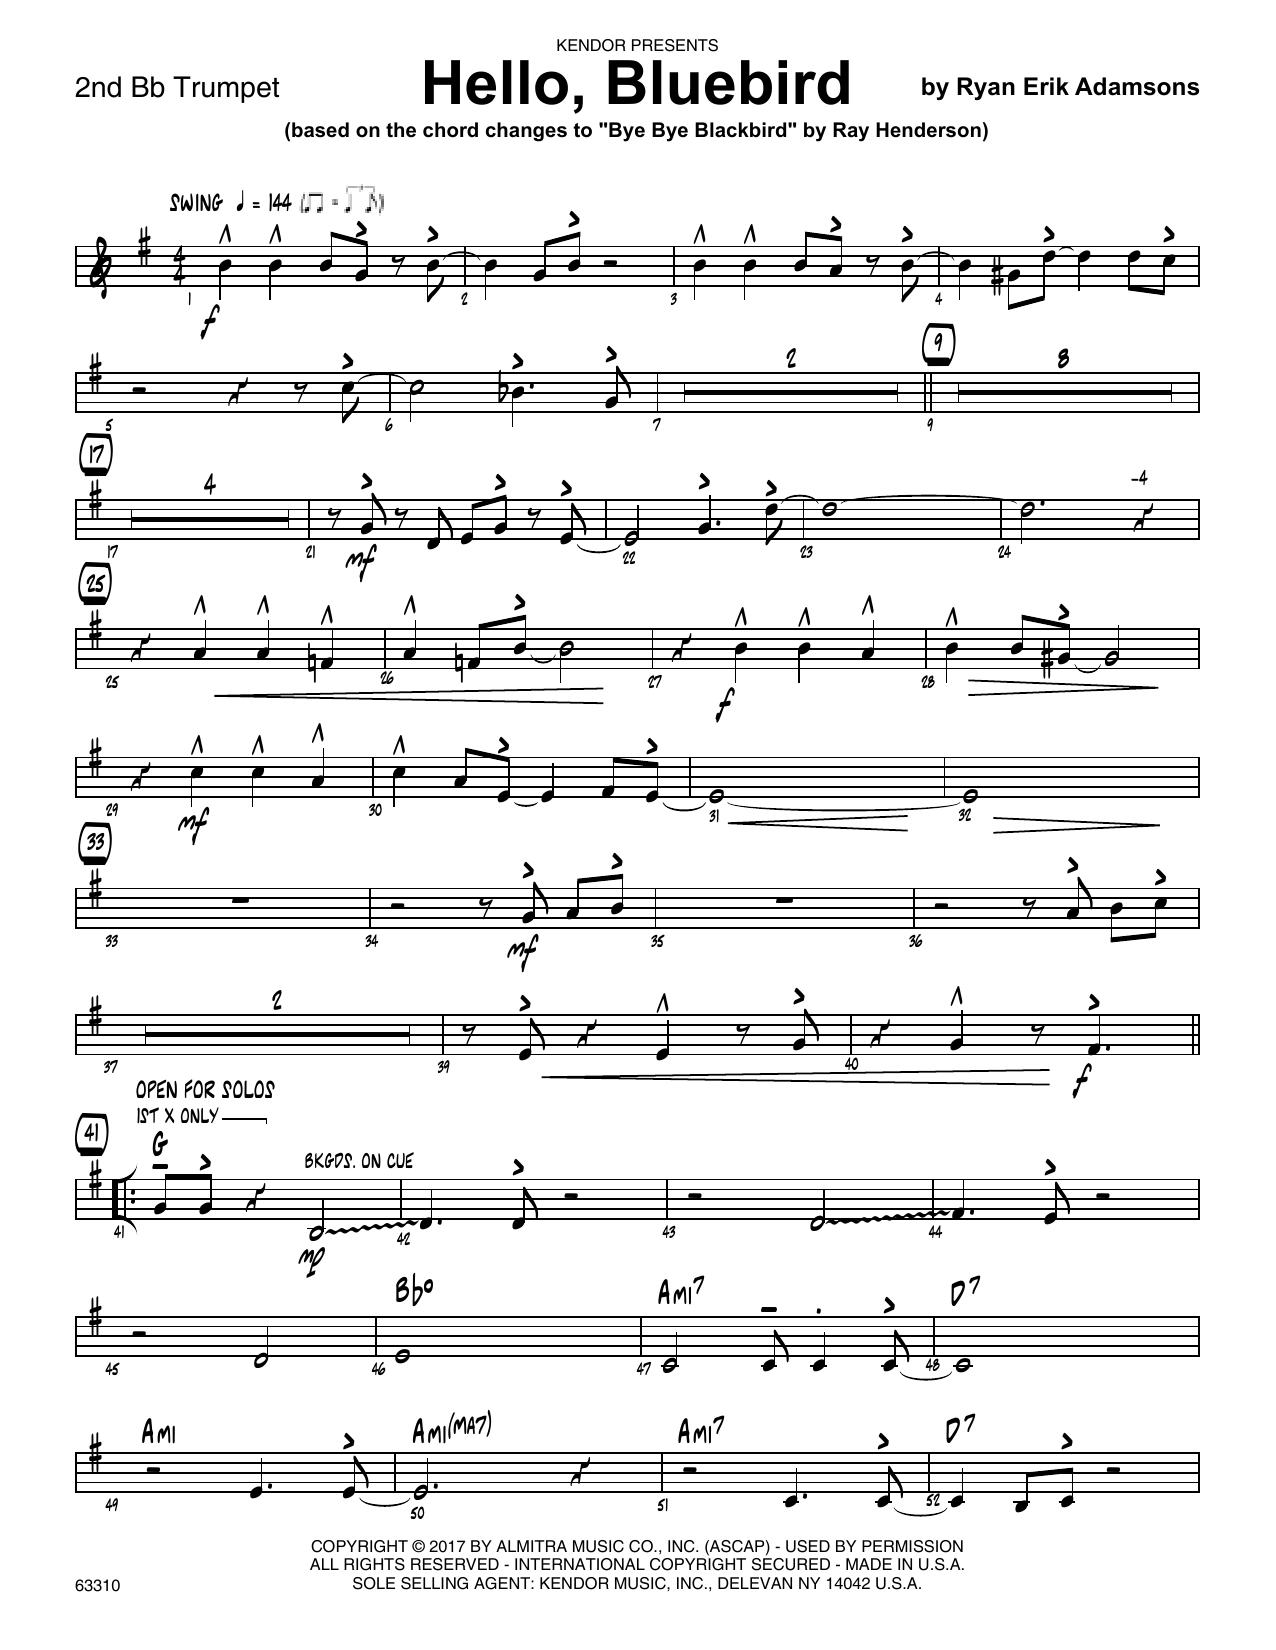 Ryan Erik Adamsons Hello, Bluebird (based on Bye Bye Blackbird) - 2nd Bb Trumpet sheet music notes printable PDF score